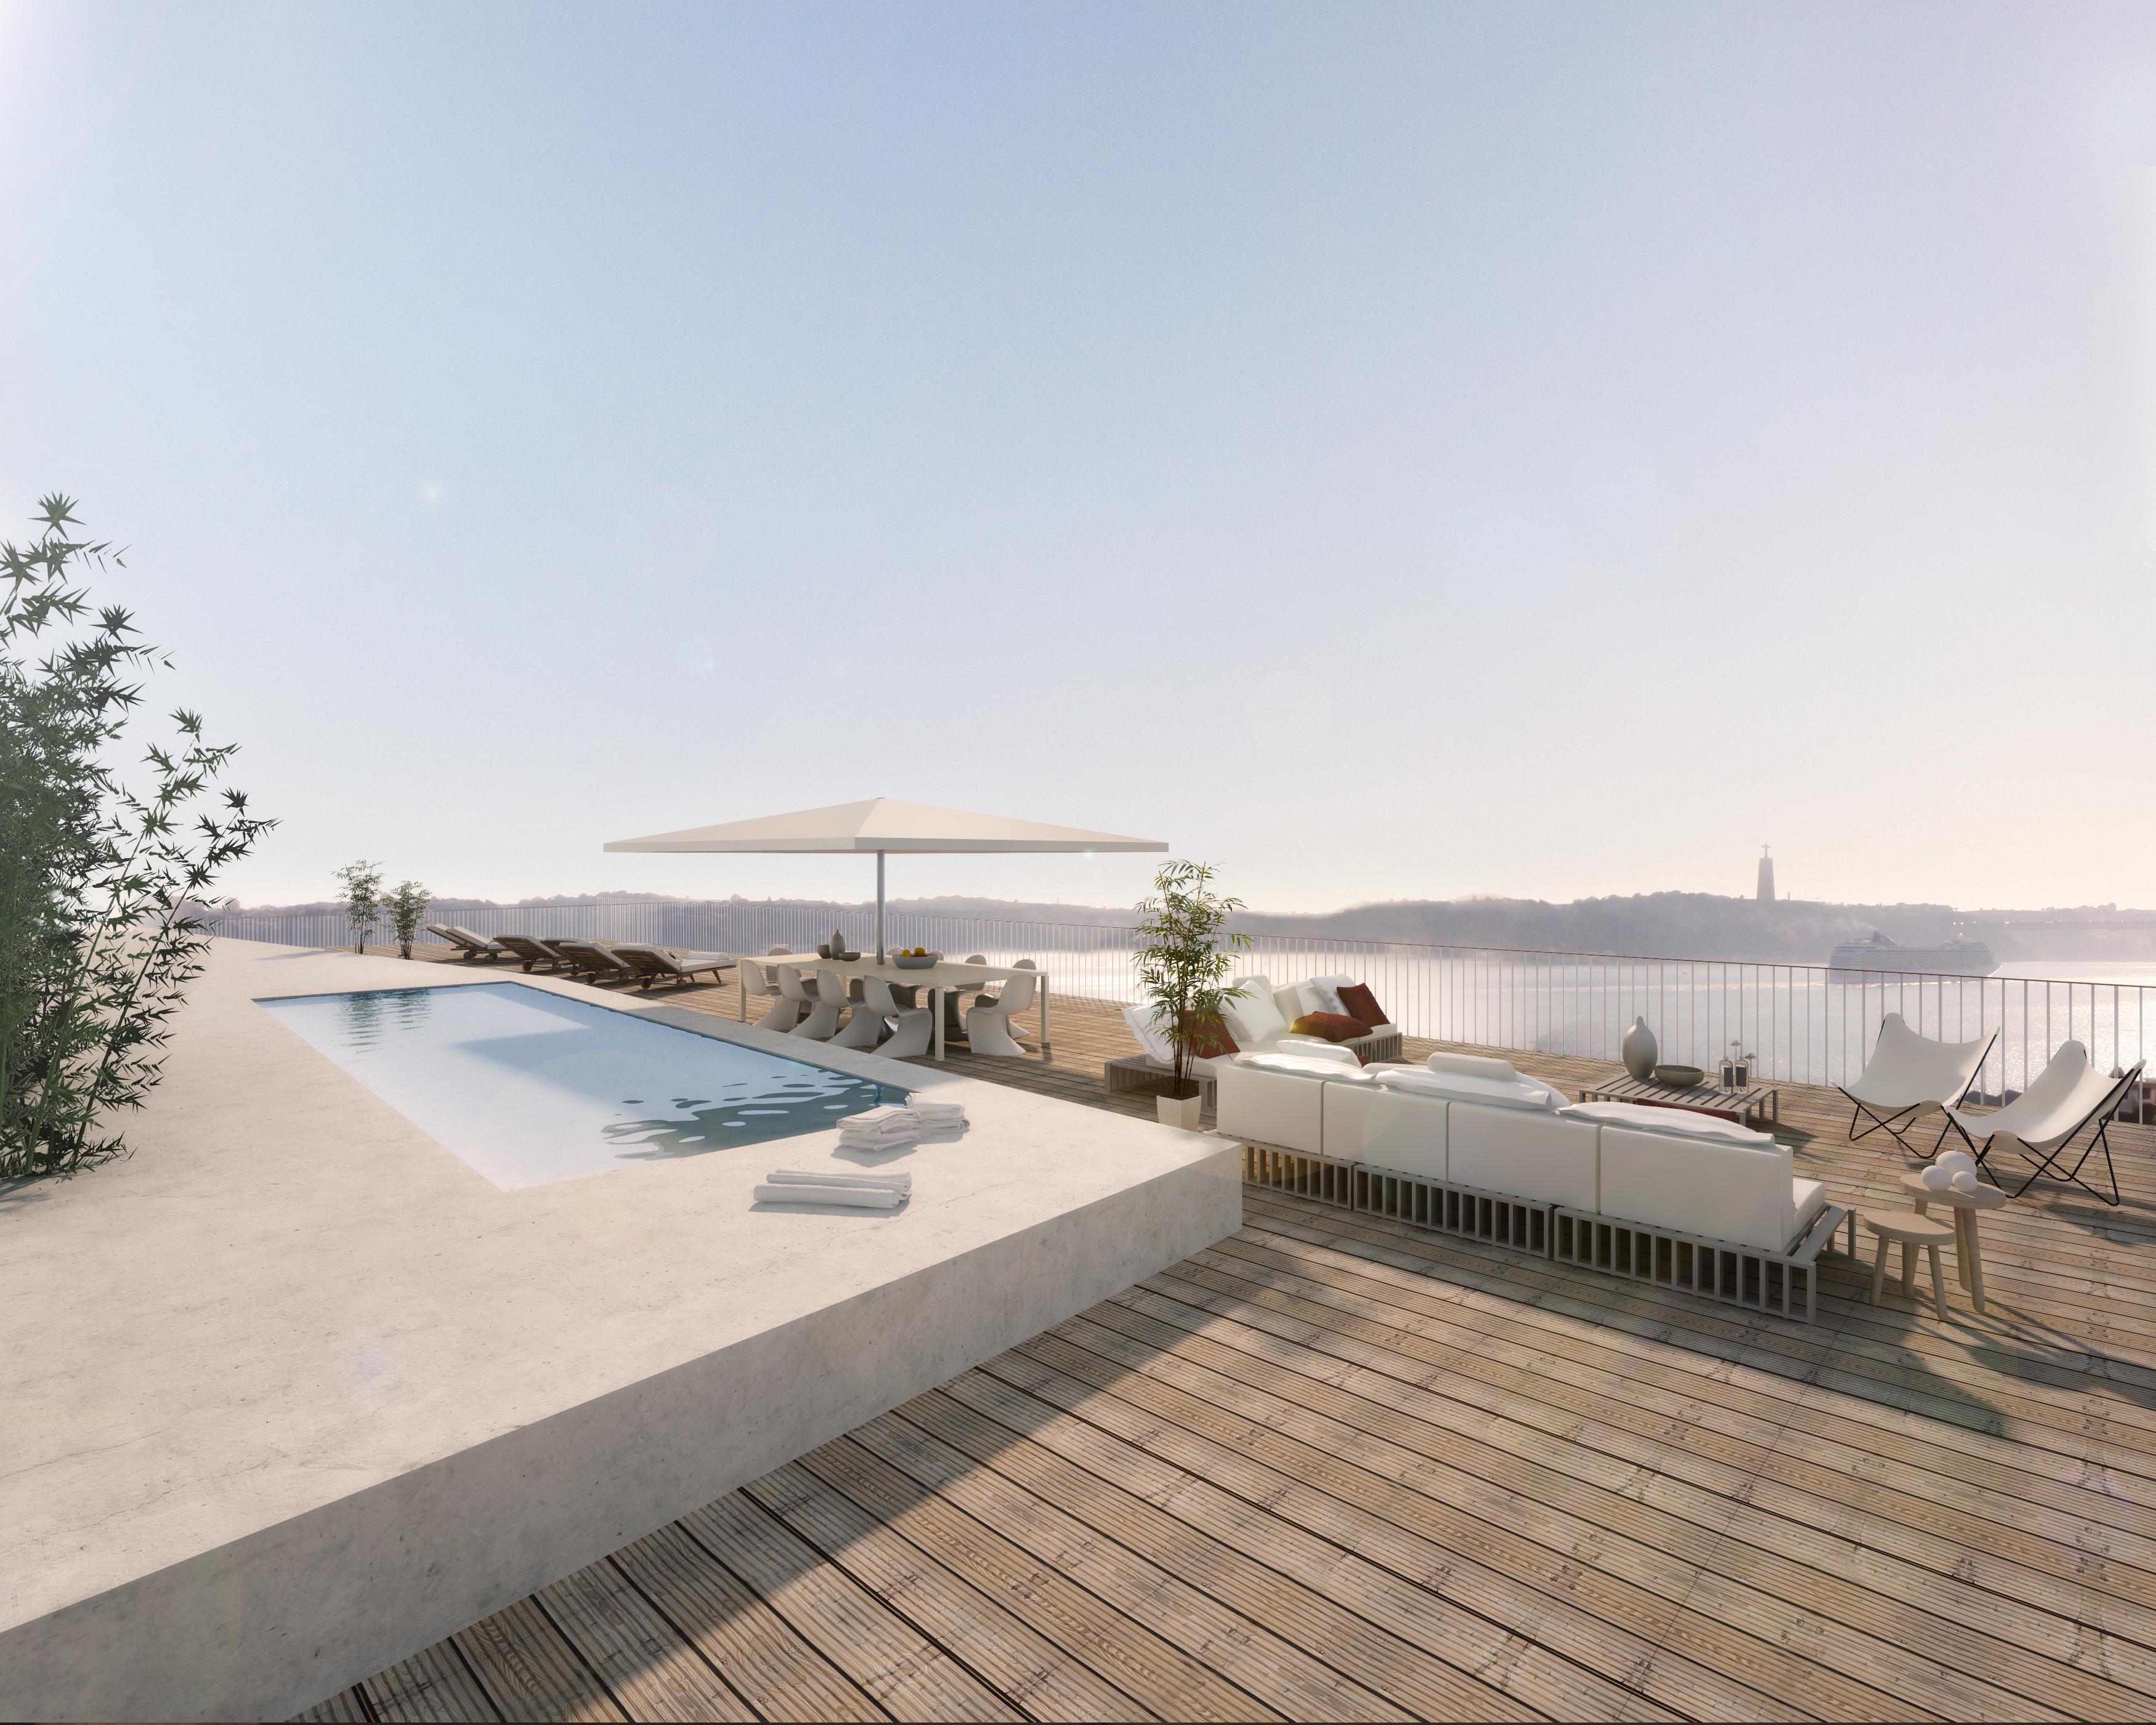 Vai um mergulho na piscina do terraço?